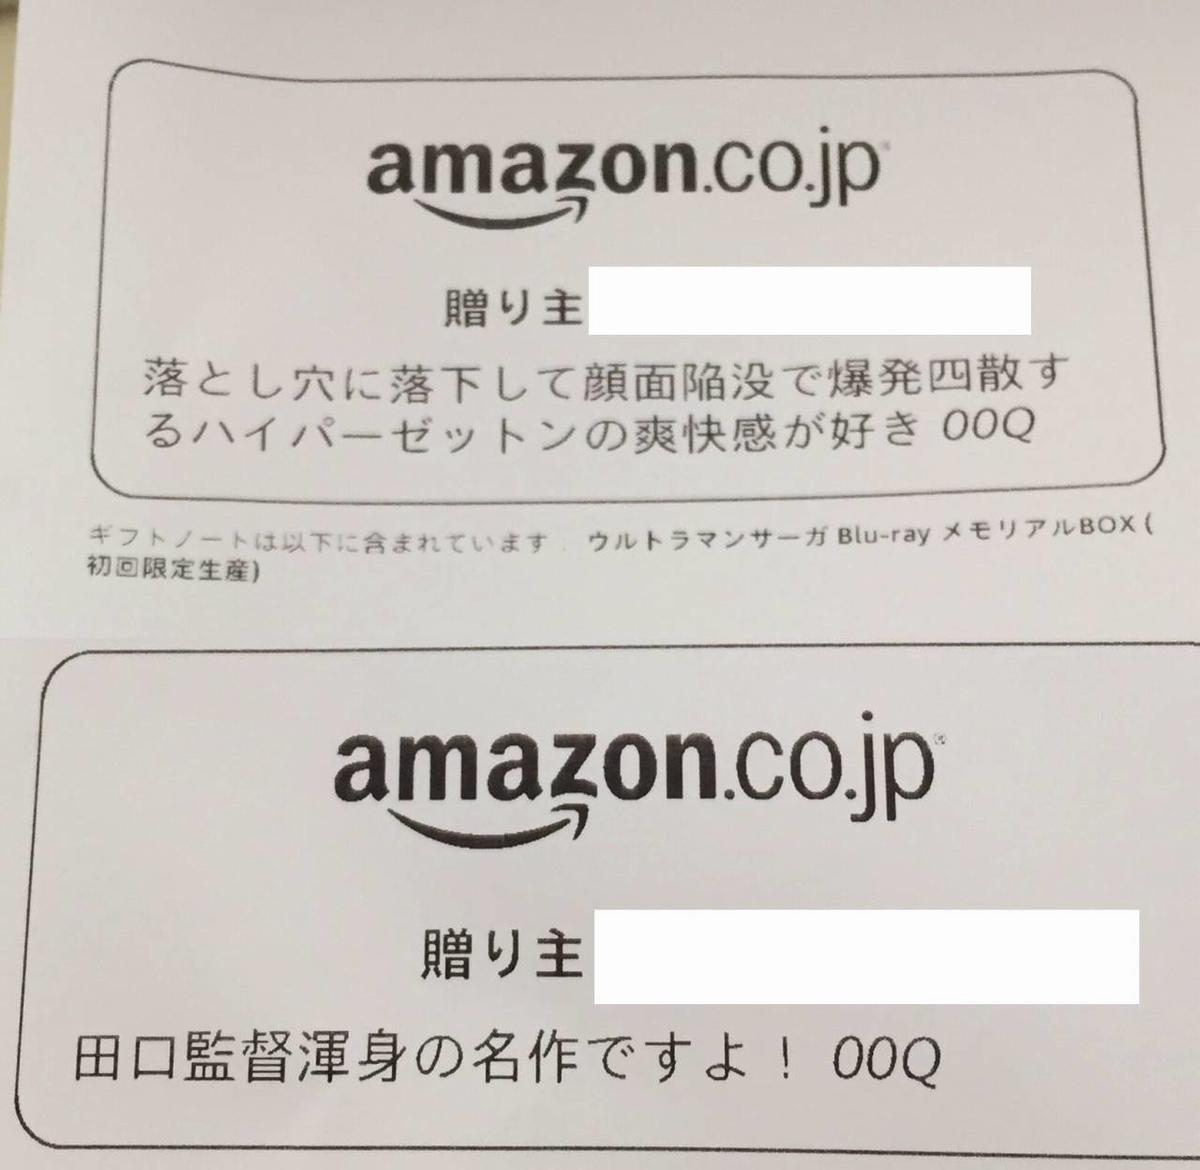 f:id:daikai6:20190529134856j:plain